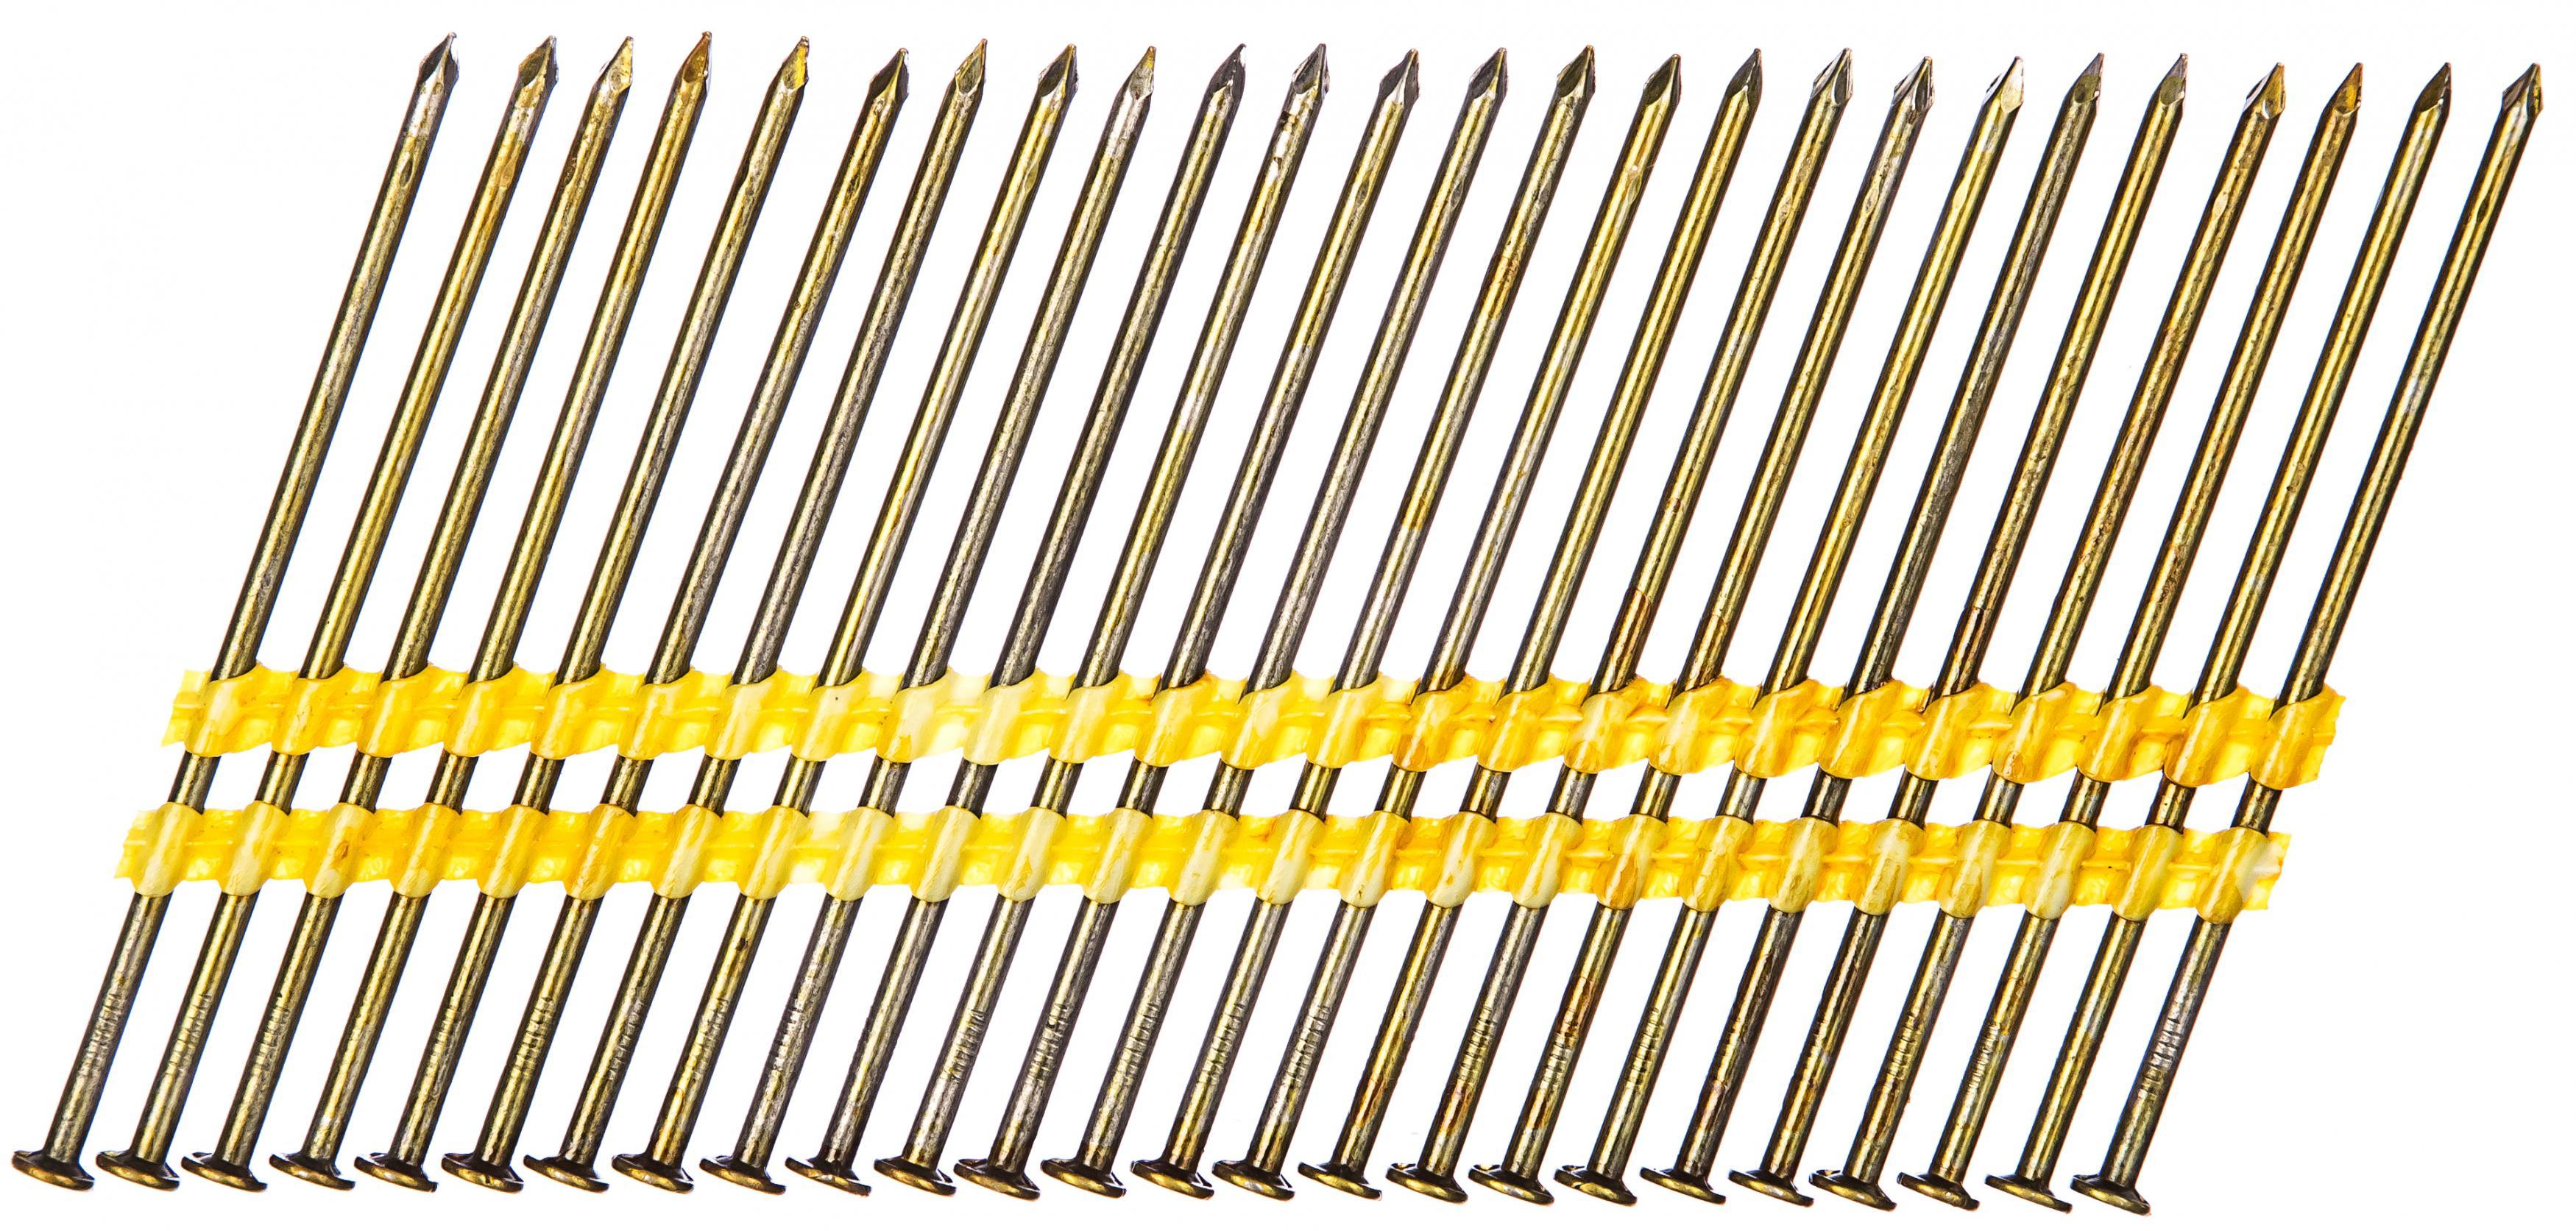 Гвозди для степлера Fubag для n90 140108 гвозди гвозди fubag 1 05x1 25x35mm 5000шт 140102